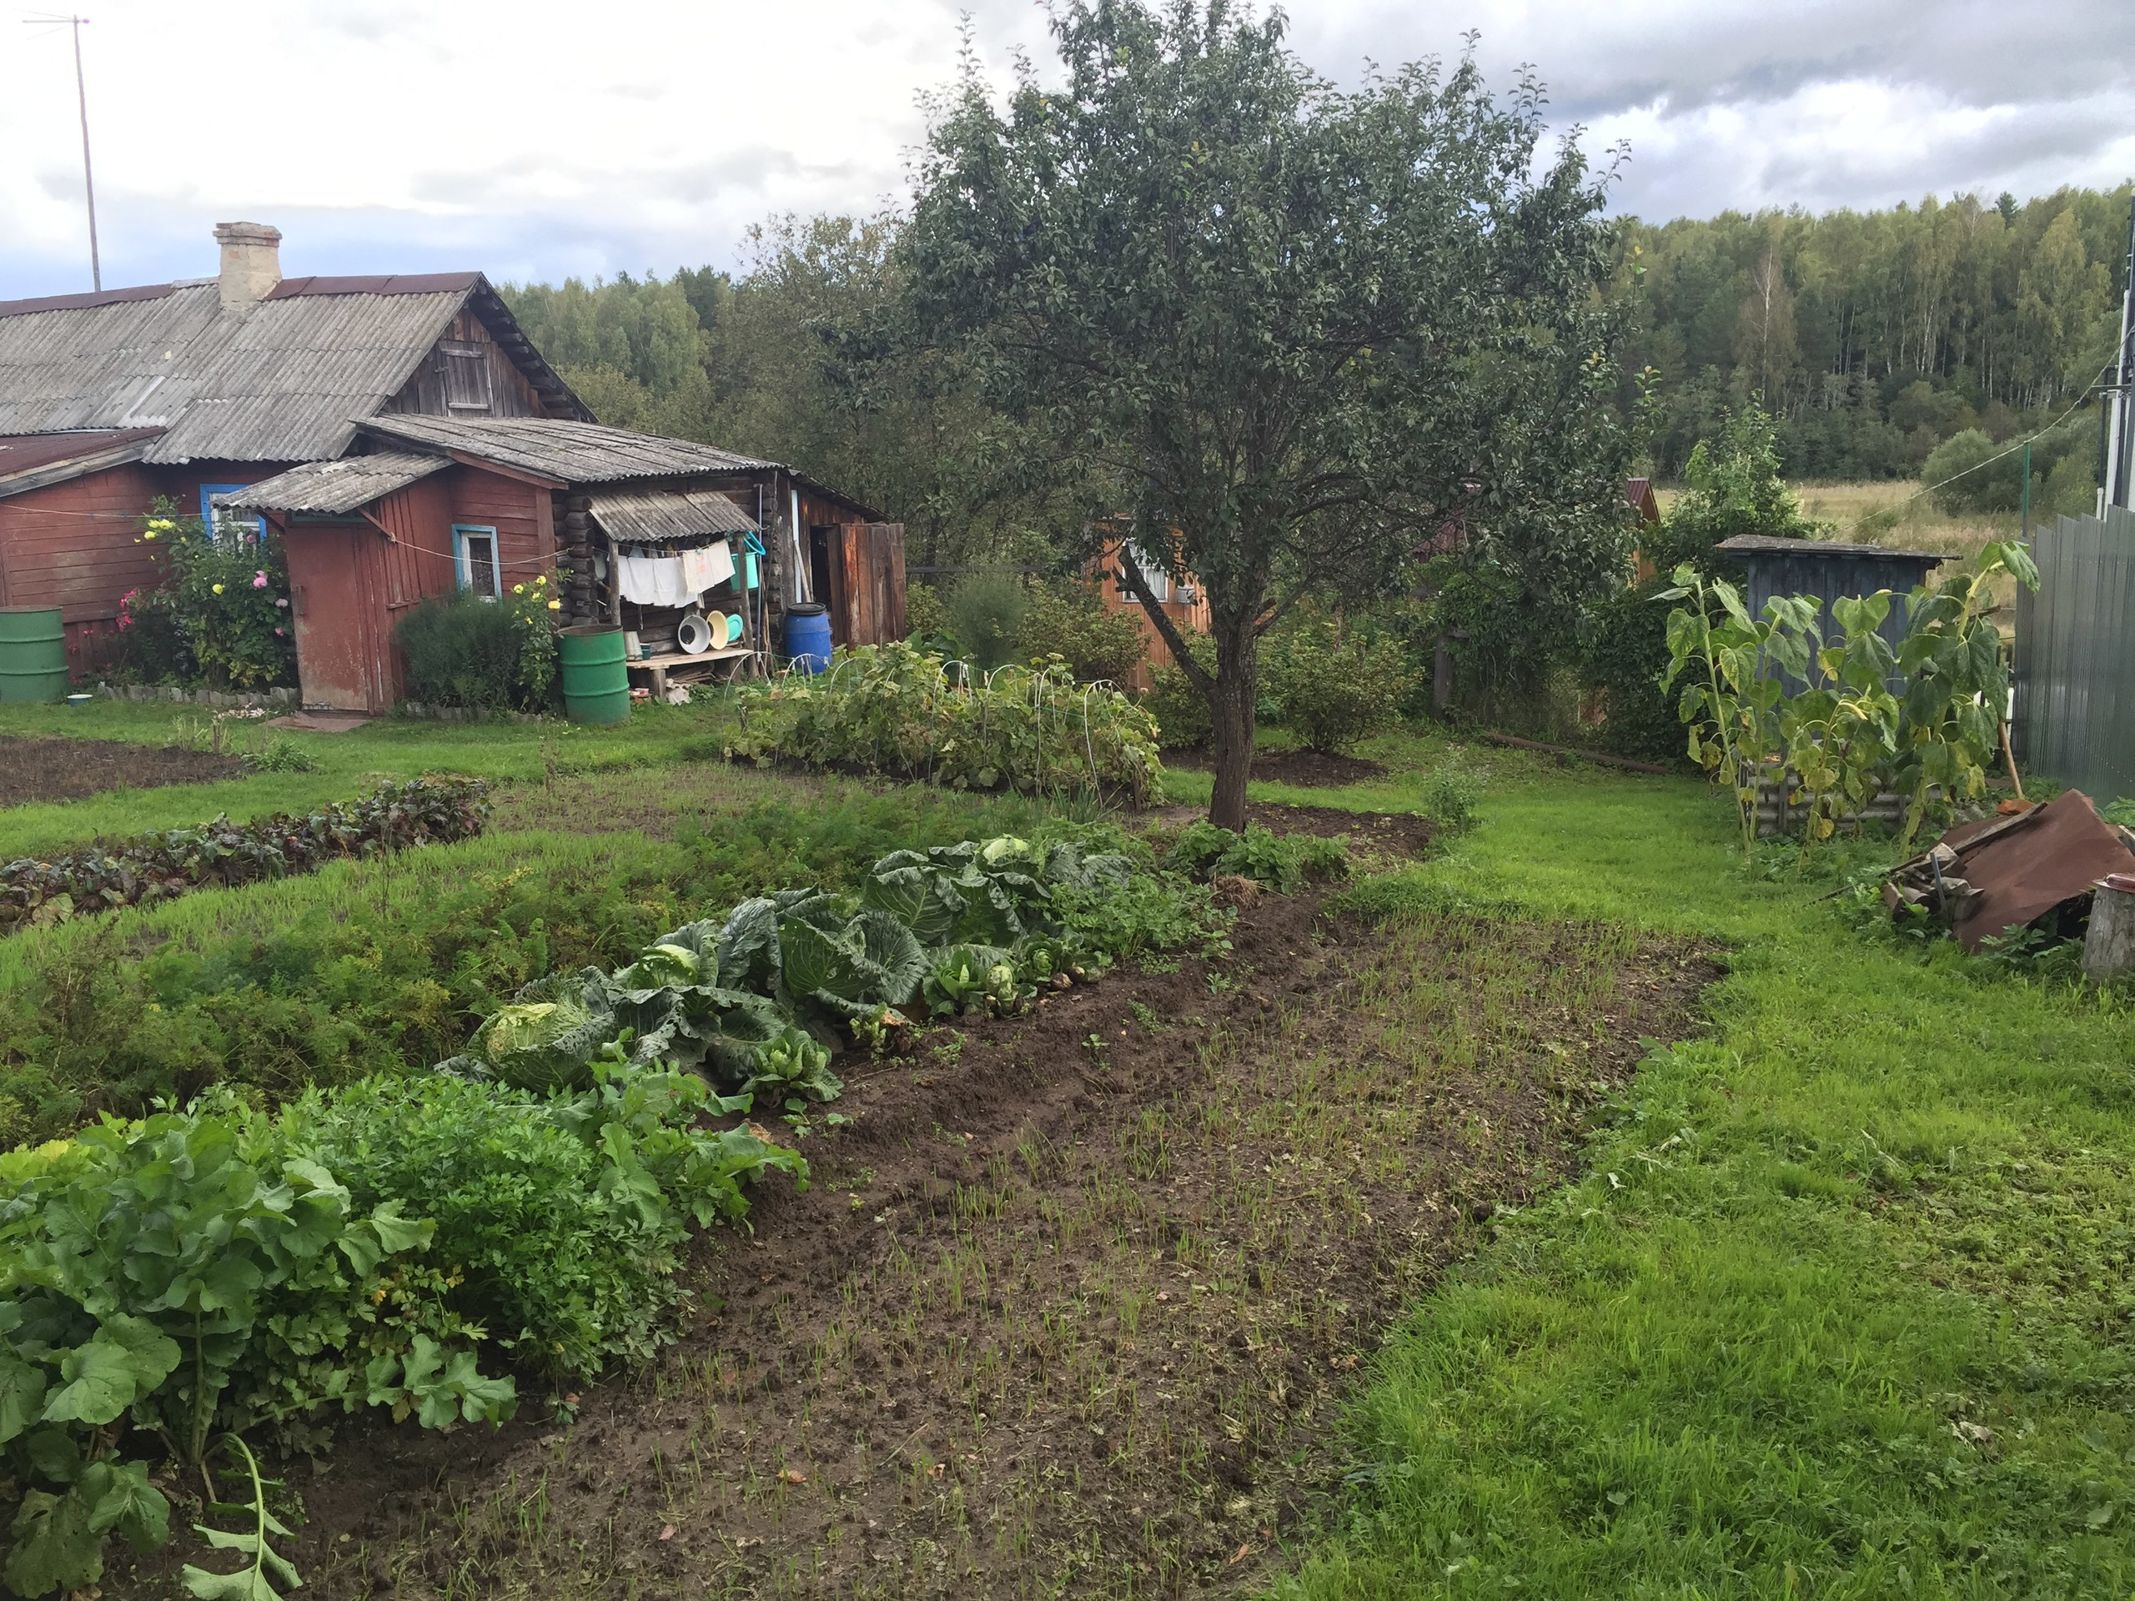 Садоводы сядут за парты. Ярославцев научат ставить на своей даче рекорды урожайности